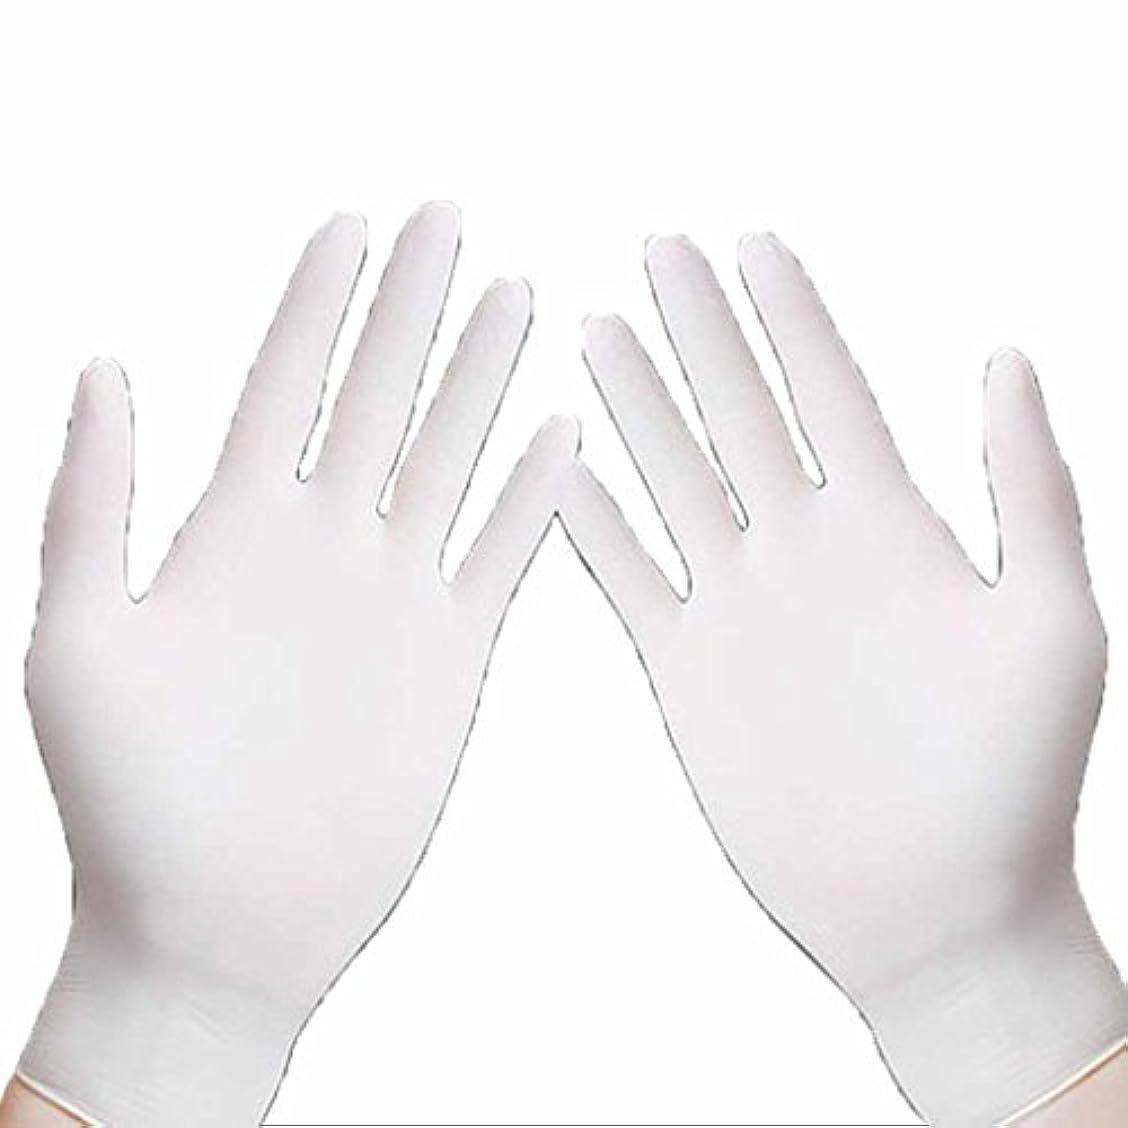 警官不適水曜日使い捨て手袋 ホワイトニトリル防水通気性使い捨て手袋高弾性抗公害緑の手袋 (Size : S)